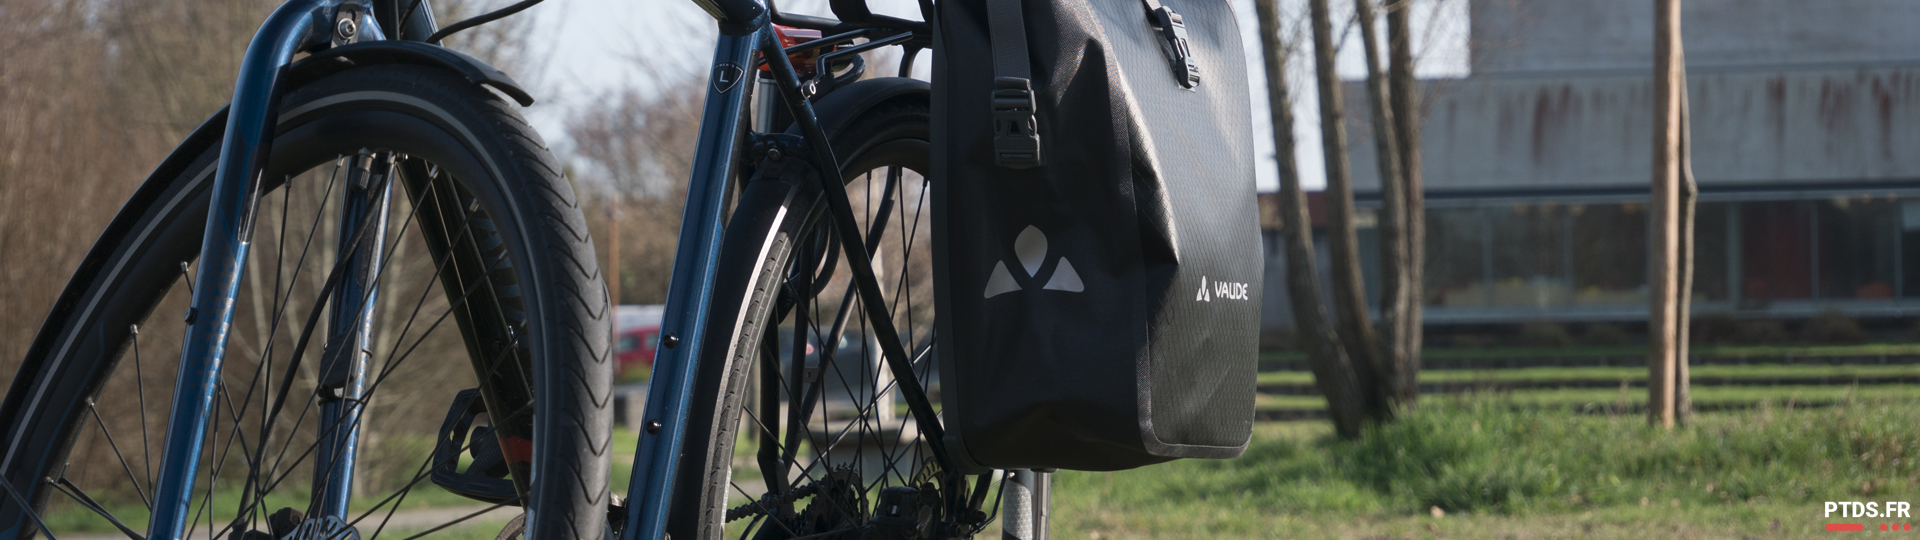 Mon équipement vélotaf pour 2019 10